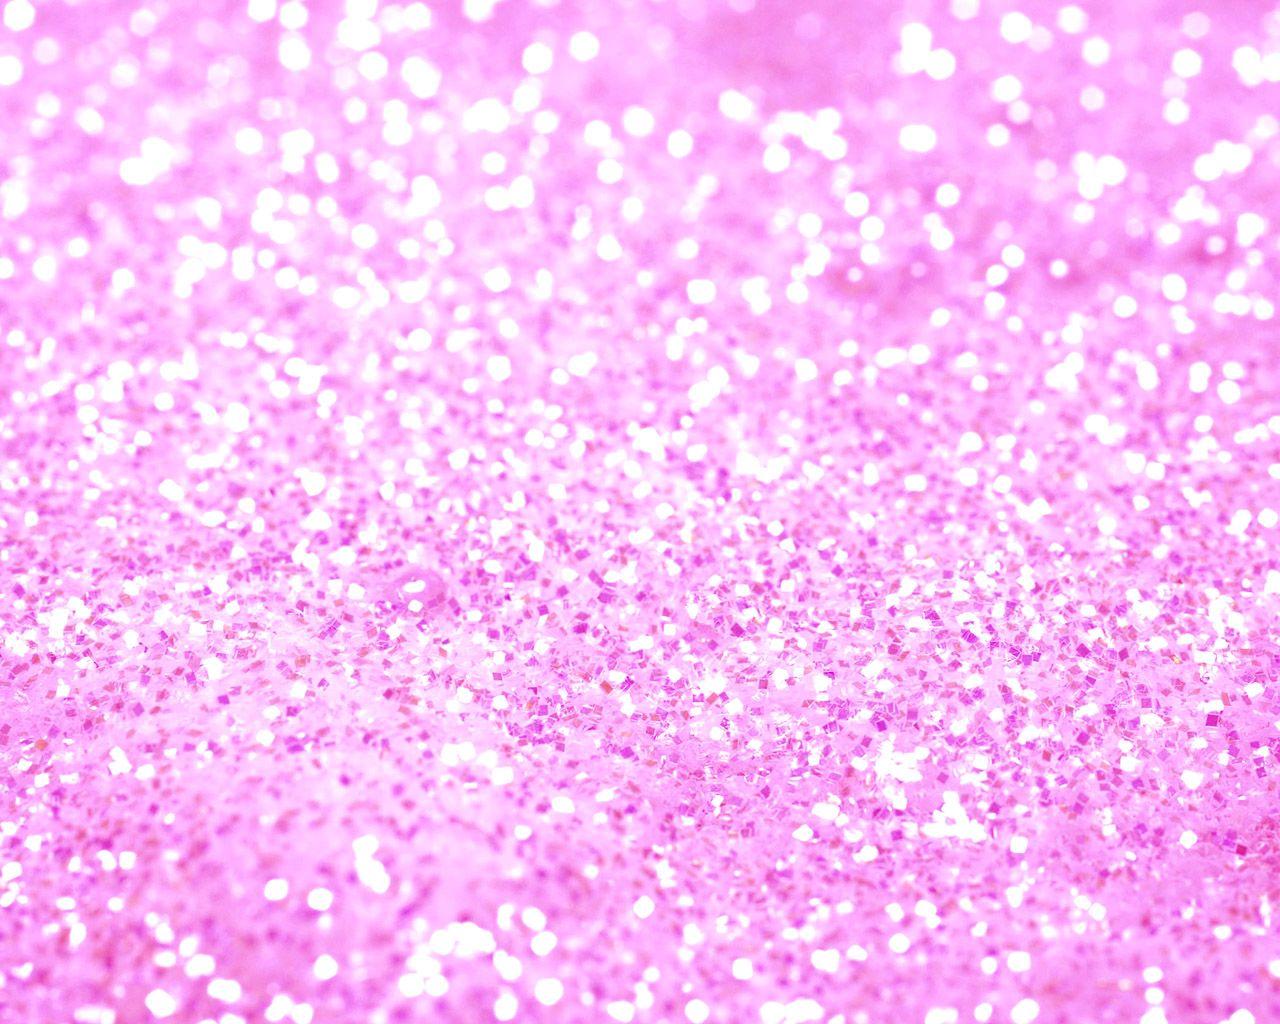 картинки для фона розовый цвет